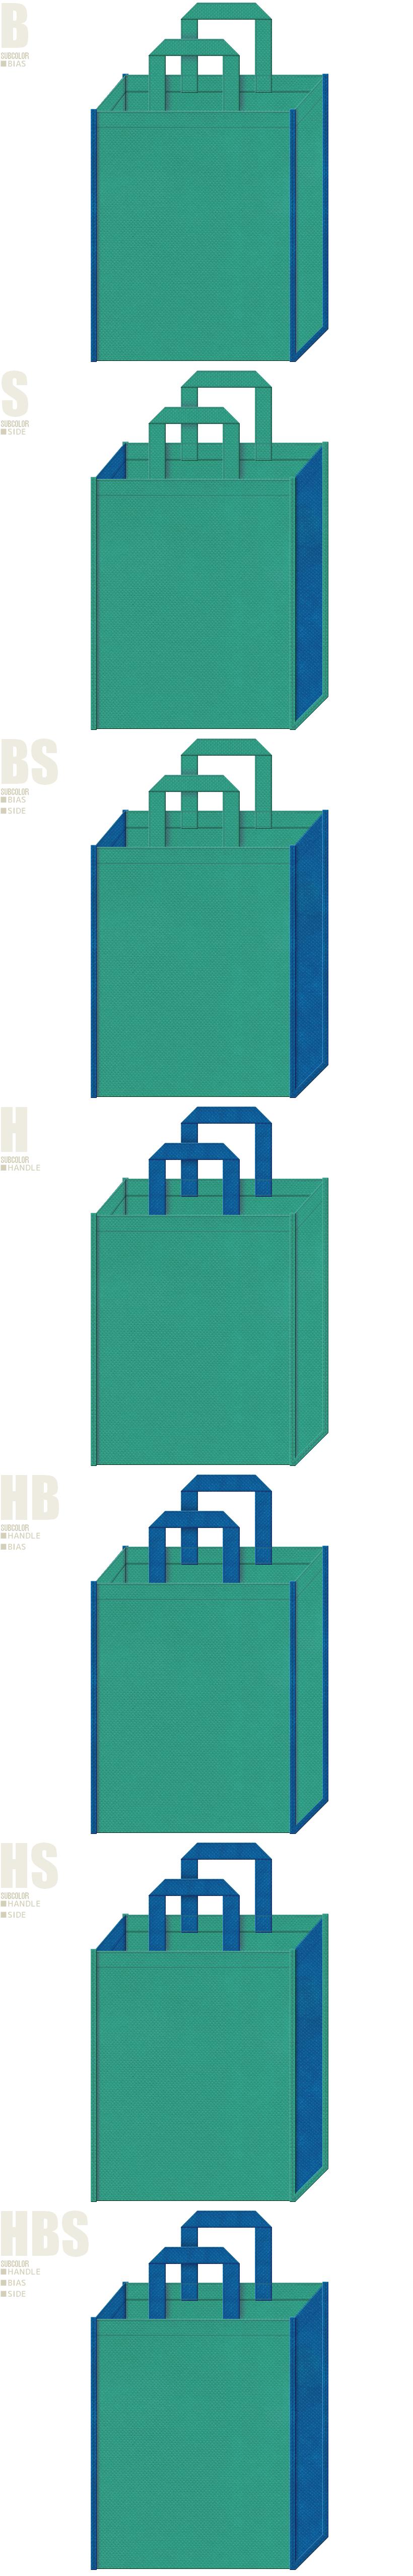 青緑色と青色、7パターンの不織布トートバッグ配色デザイン例。